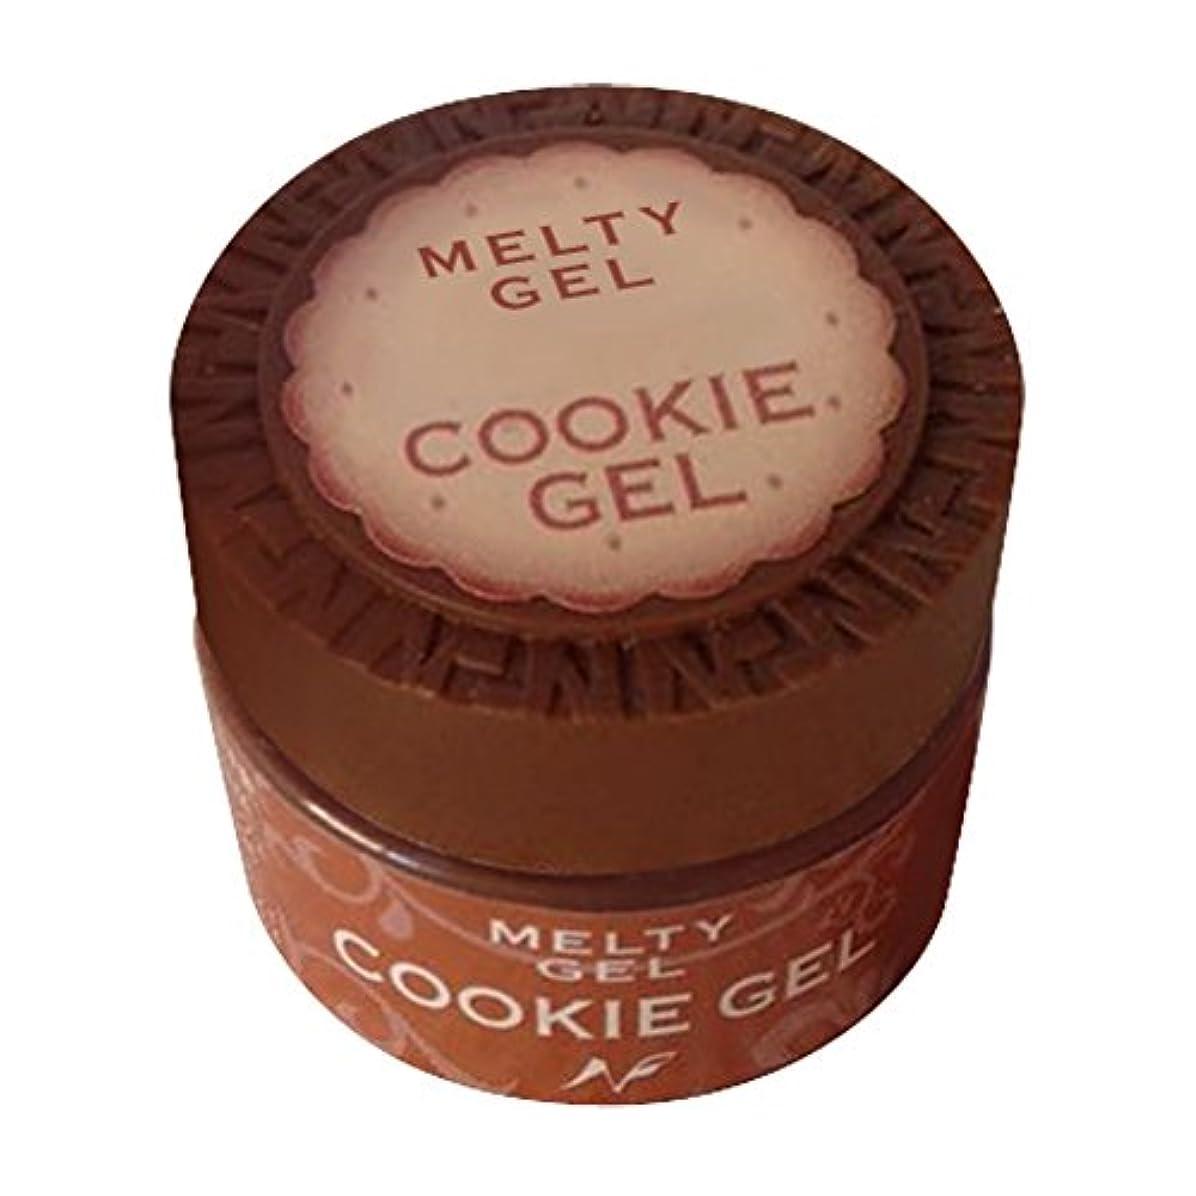 サージビバ意味のあるNatural Field Melty Gel クッキージェル 3902ブルー 5g